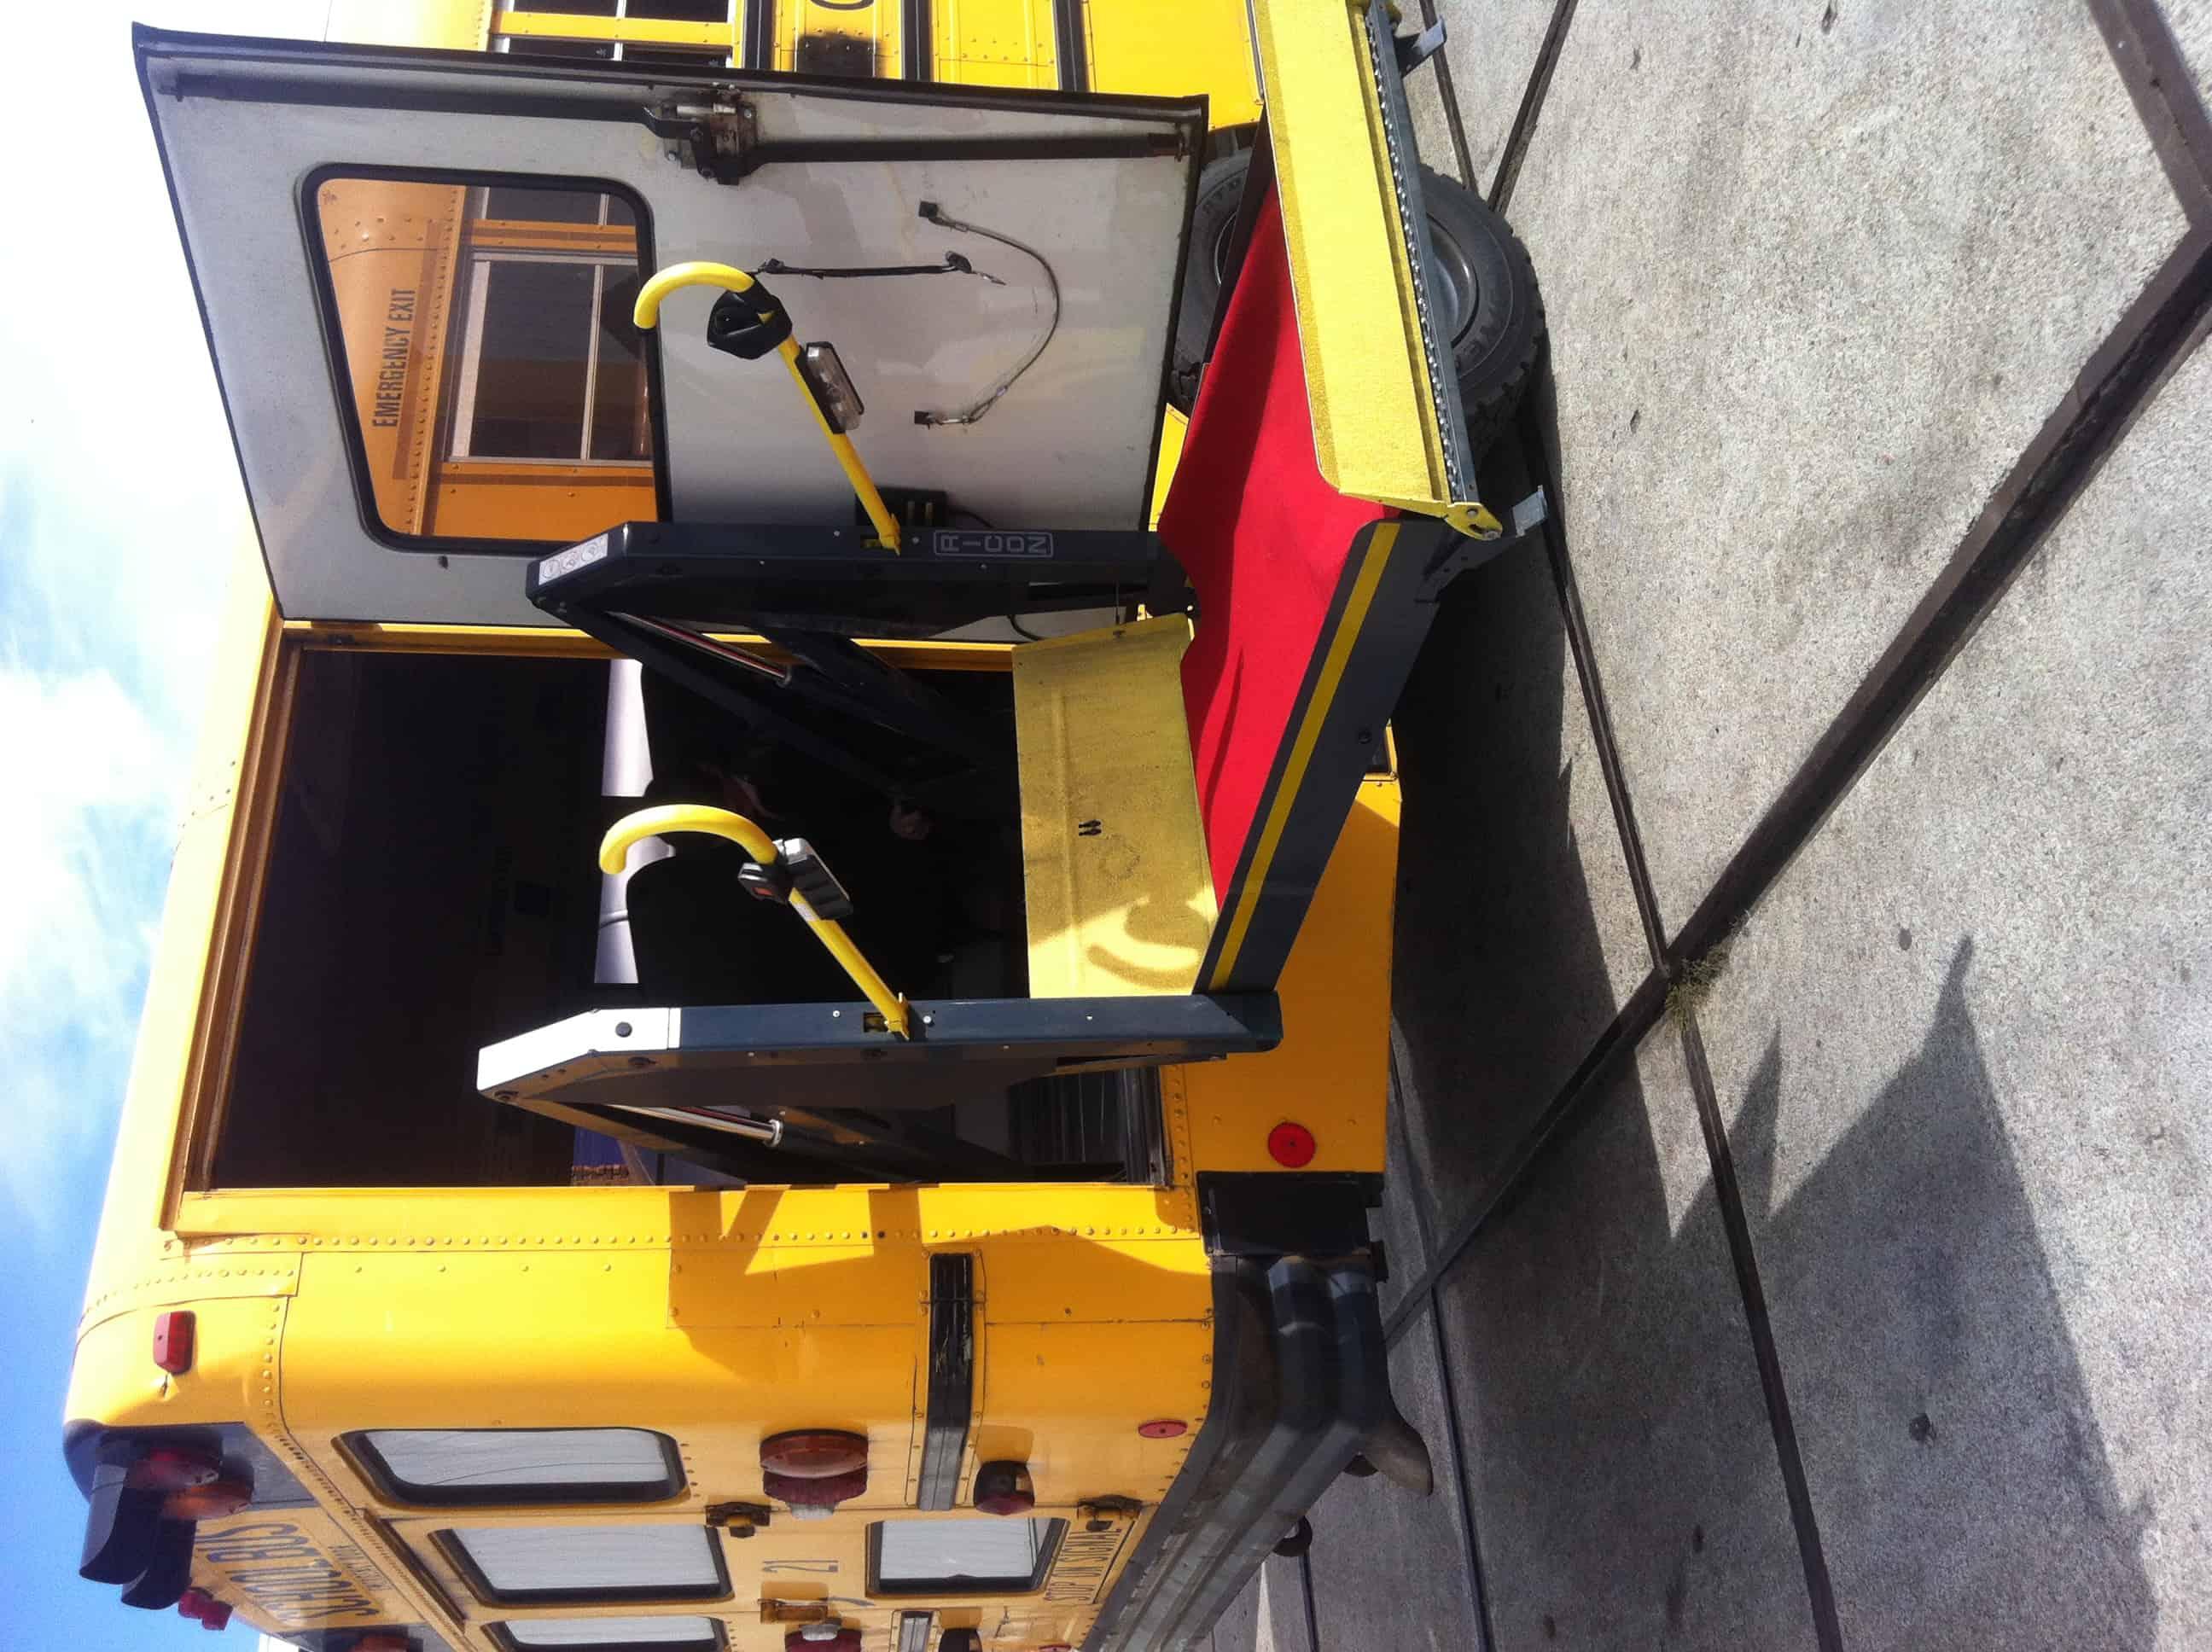 Amerikaanse schoolbus met rolstoellift gehandicapten